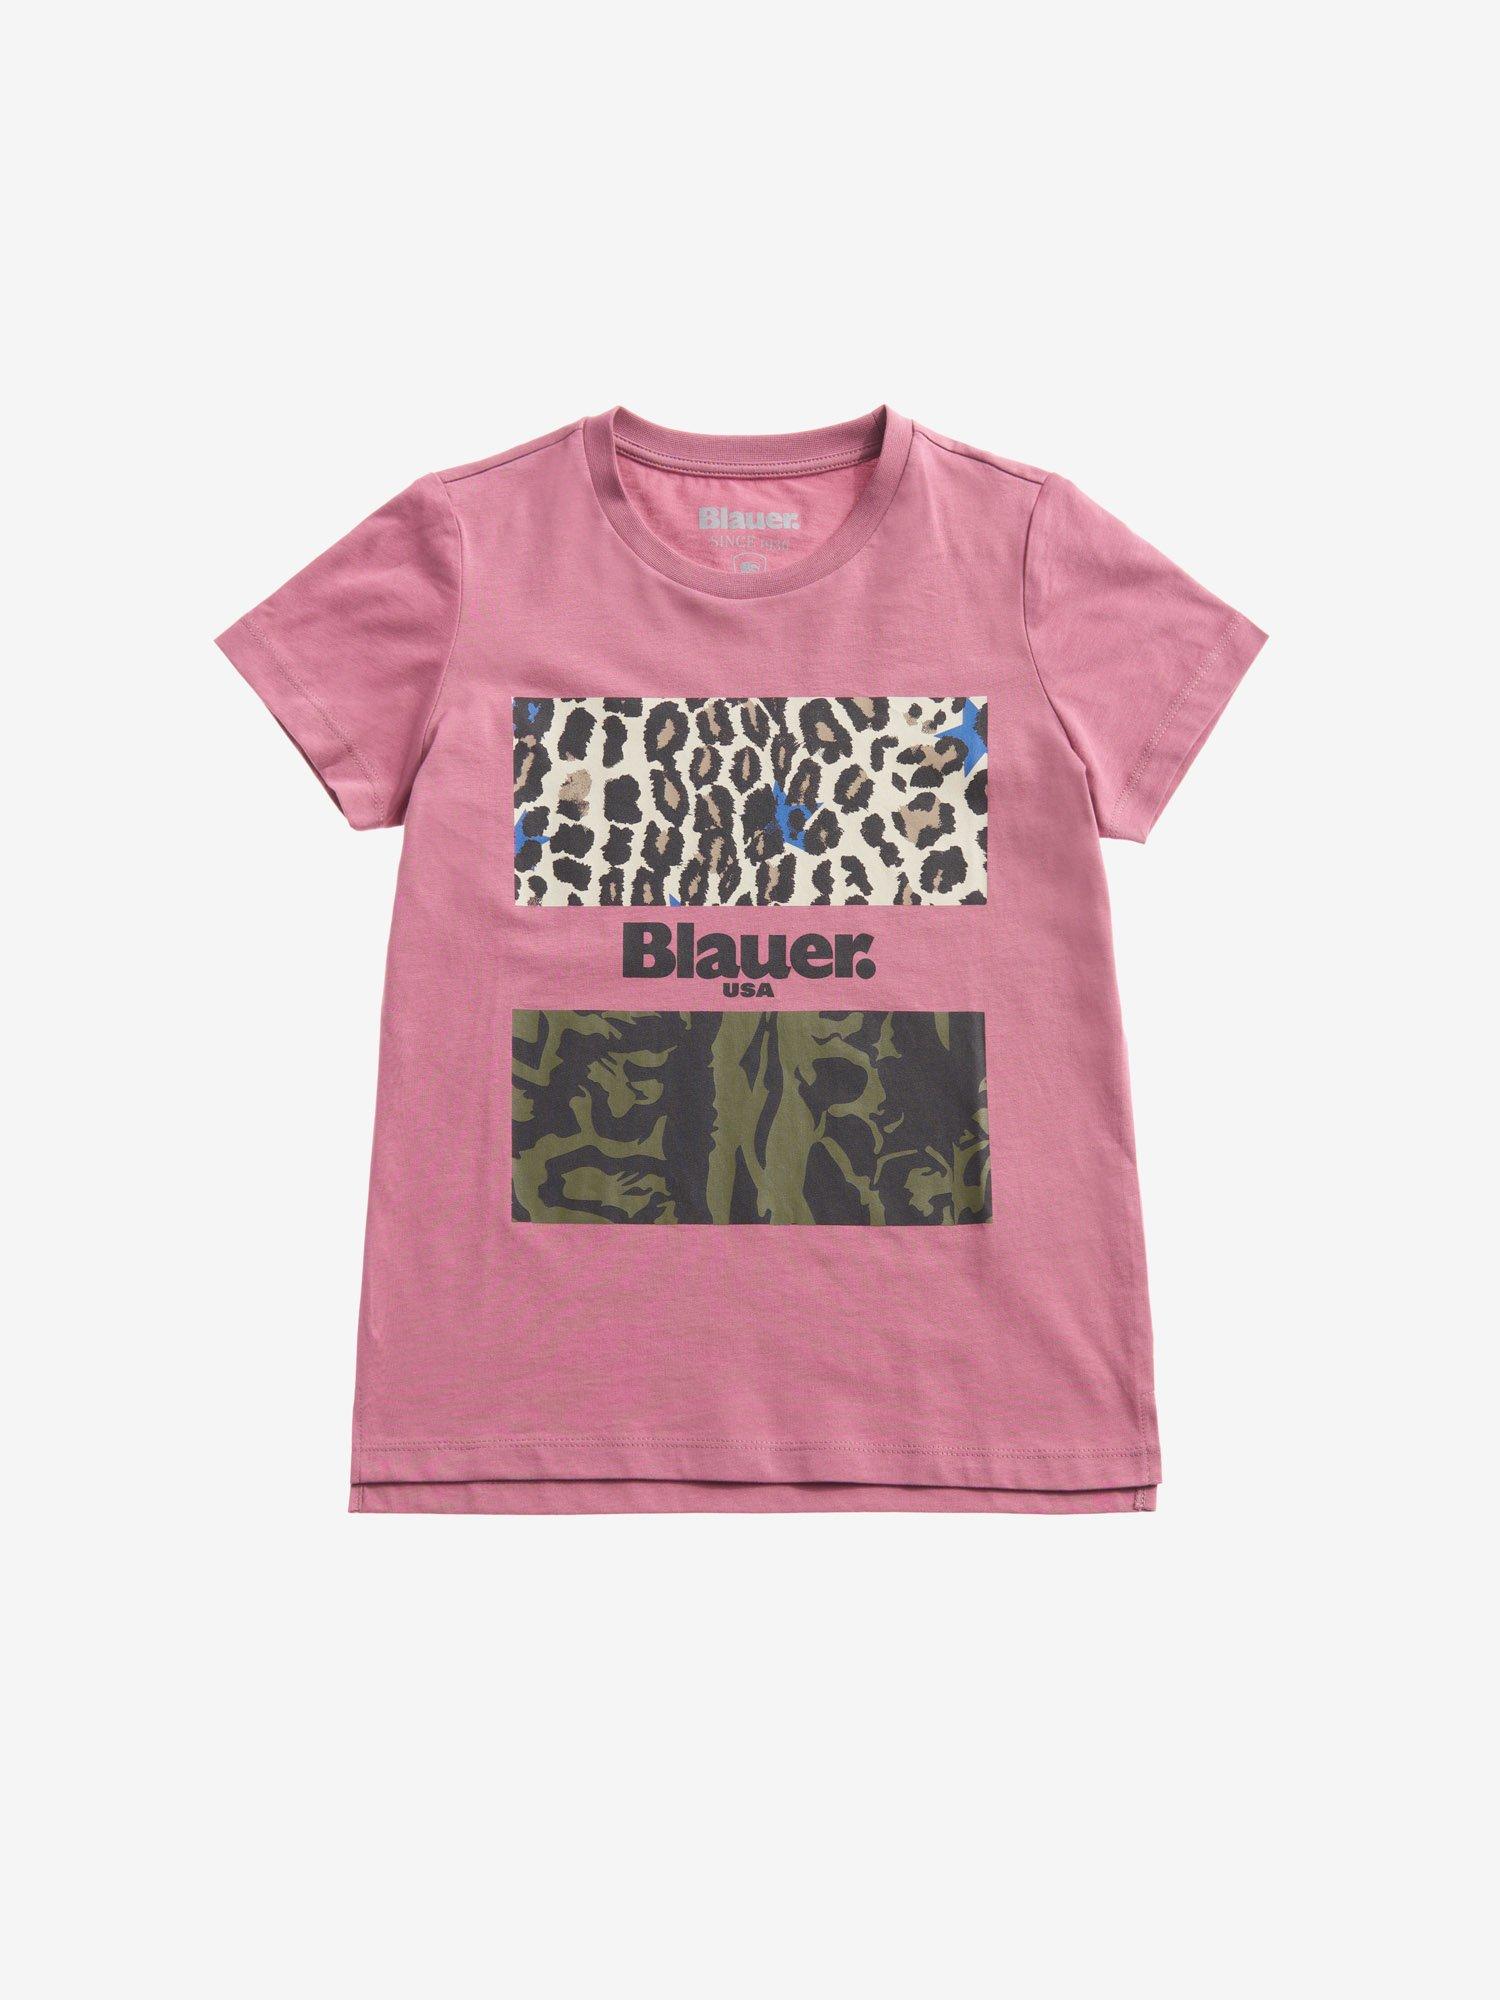 Blauer - CAMOUFLAGE ANIMALIER T-SHIRT - Pink Heather - Blauer